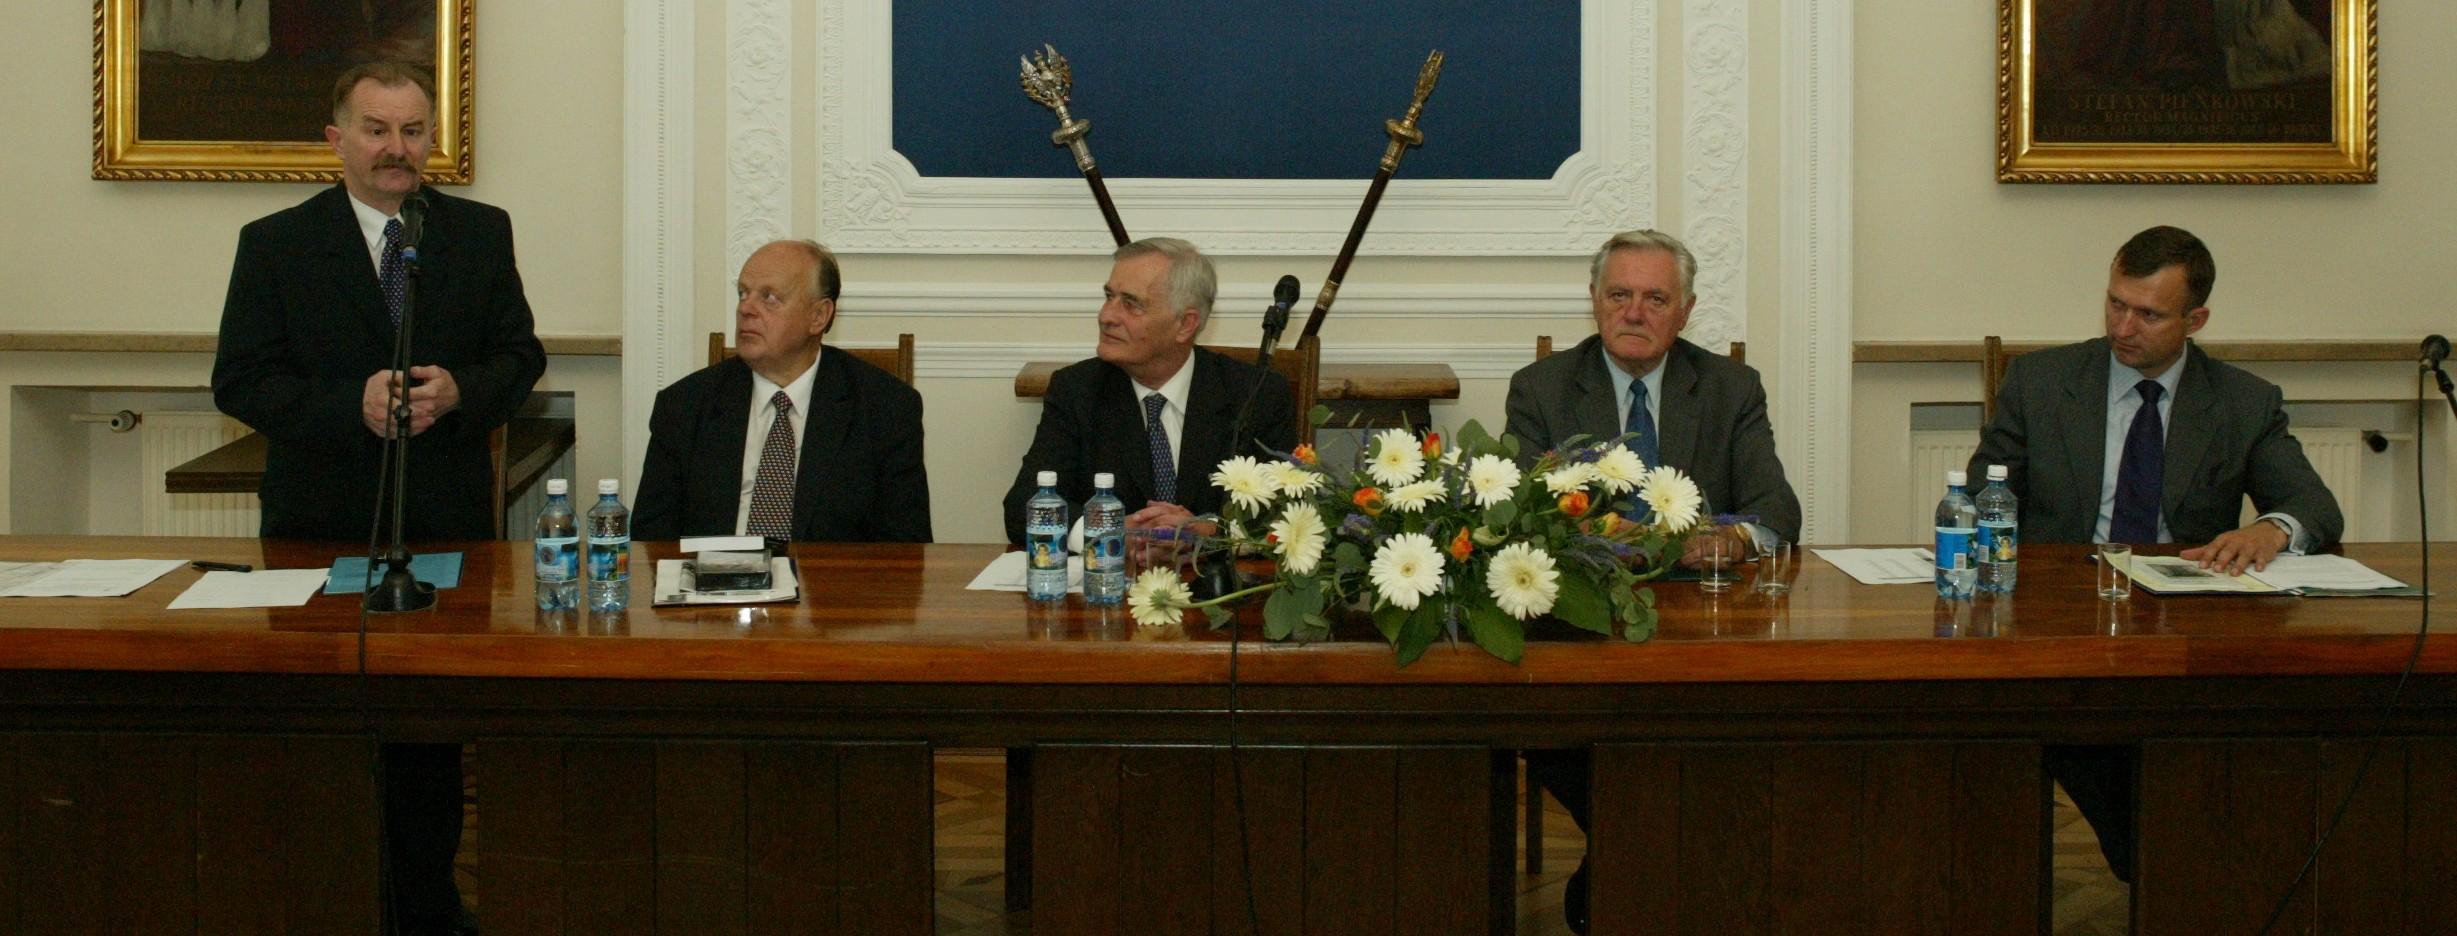 Inauguracja XII Wschodniej Szkoły letniej z udziałem prezydenta Valdasa Adamkusa, 2003 r.